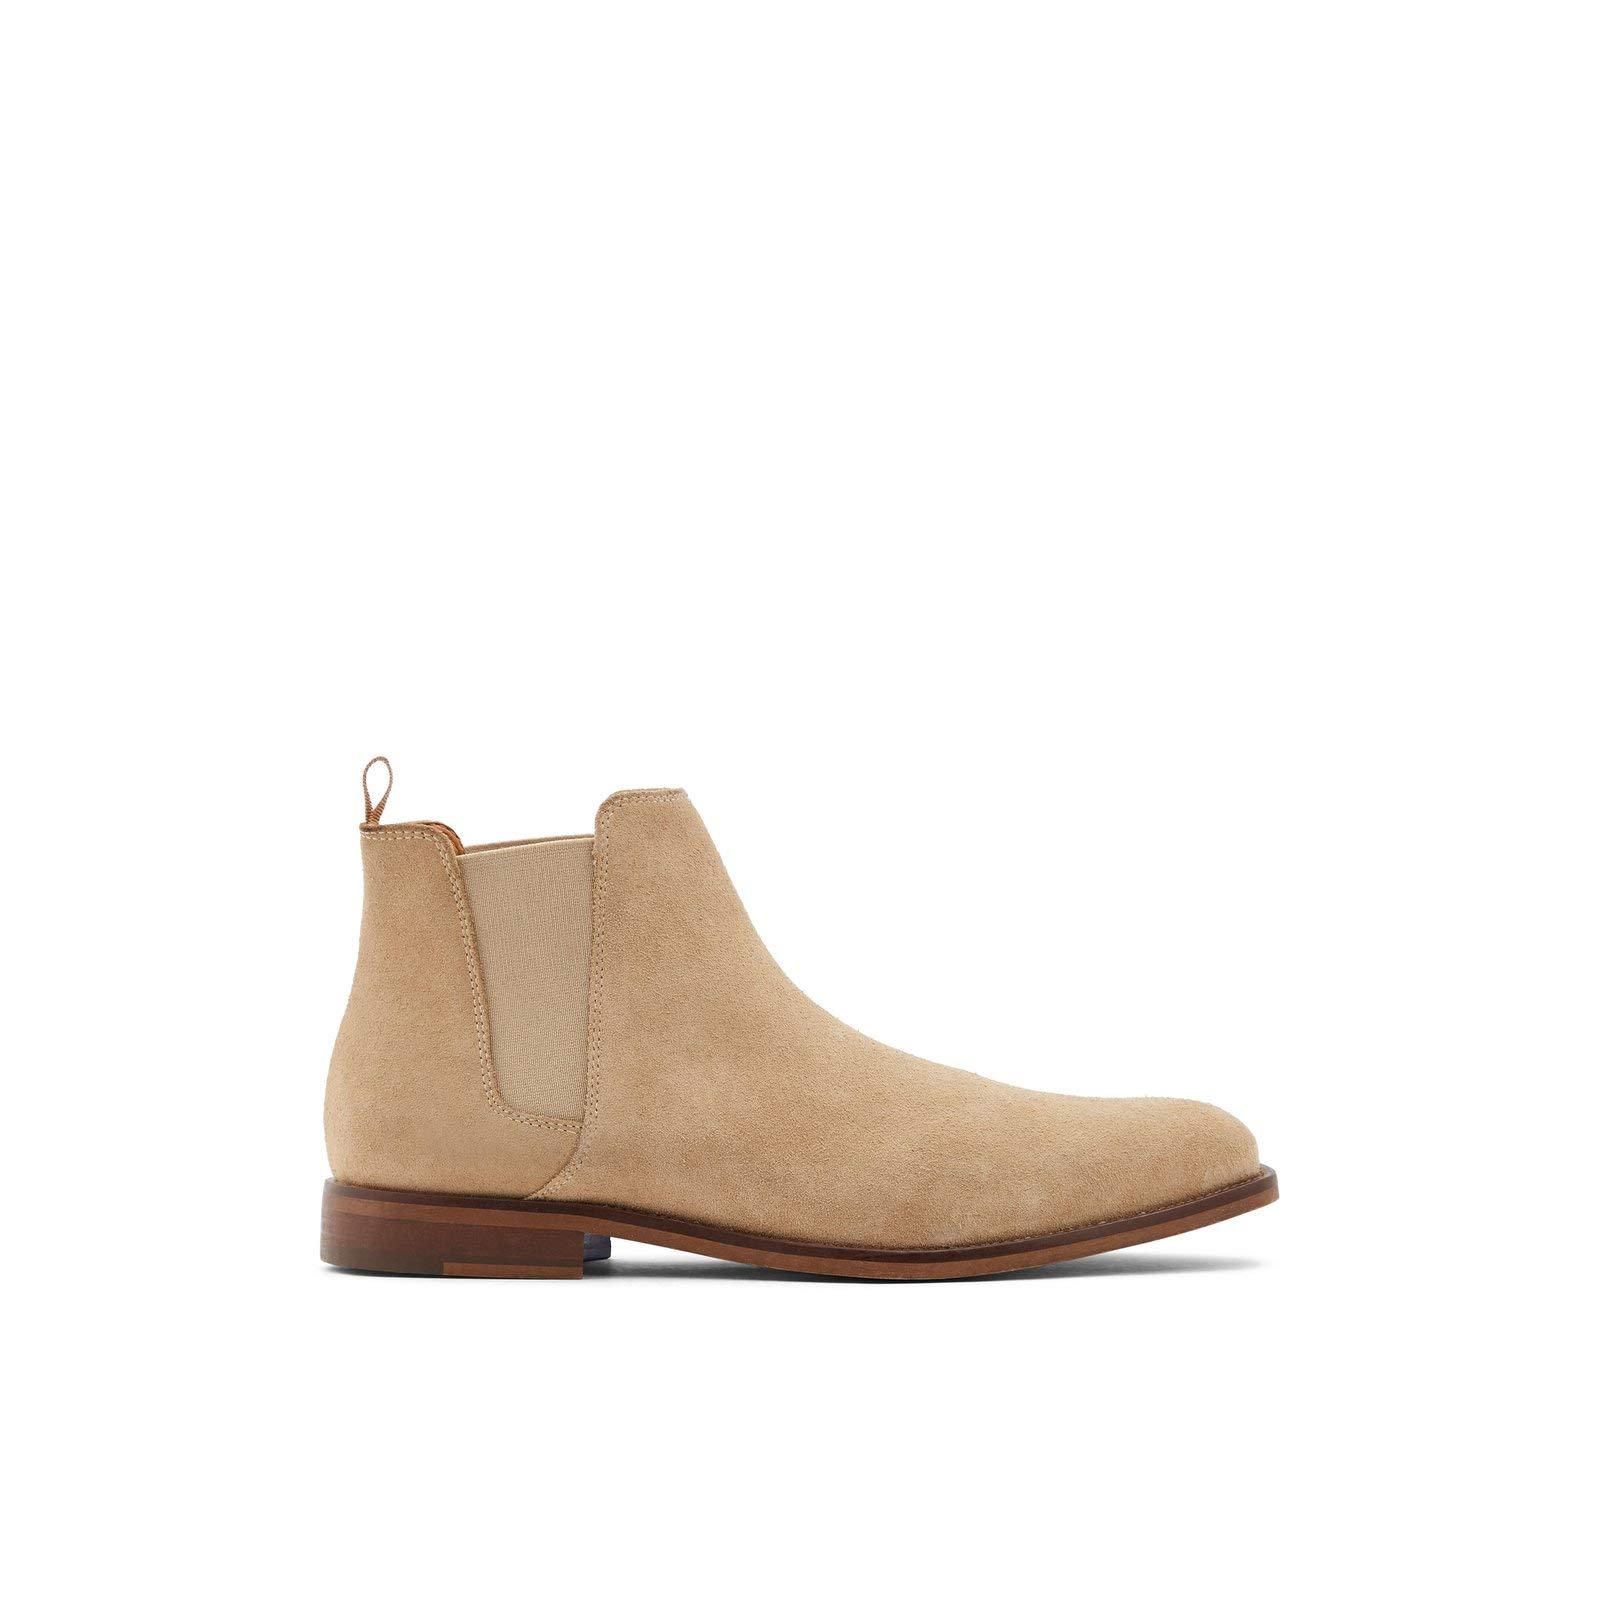 ویکالا · خرید  اصل اورجینال · خرید از آمازون · ALDO Men's Vianello-R Ankle Boot, Light Beige, 9.5 wekala · ویکالا